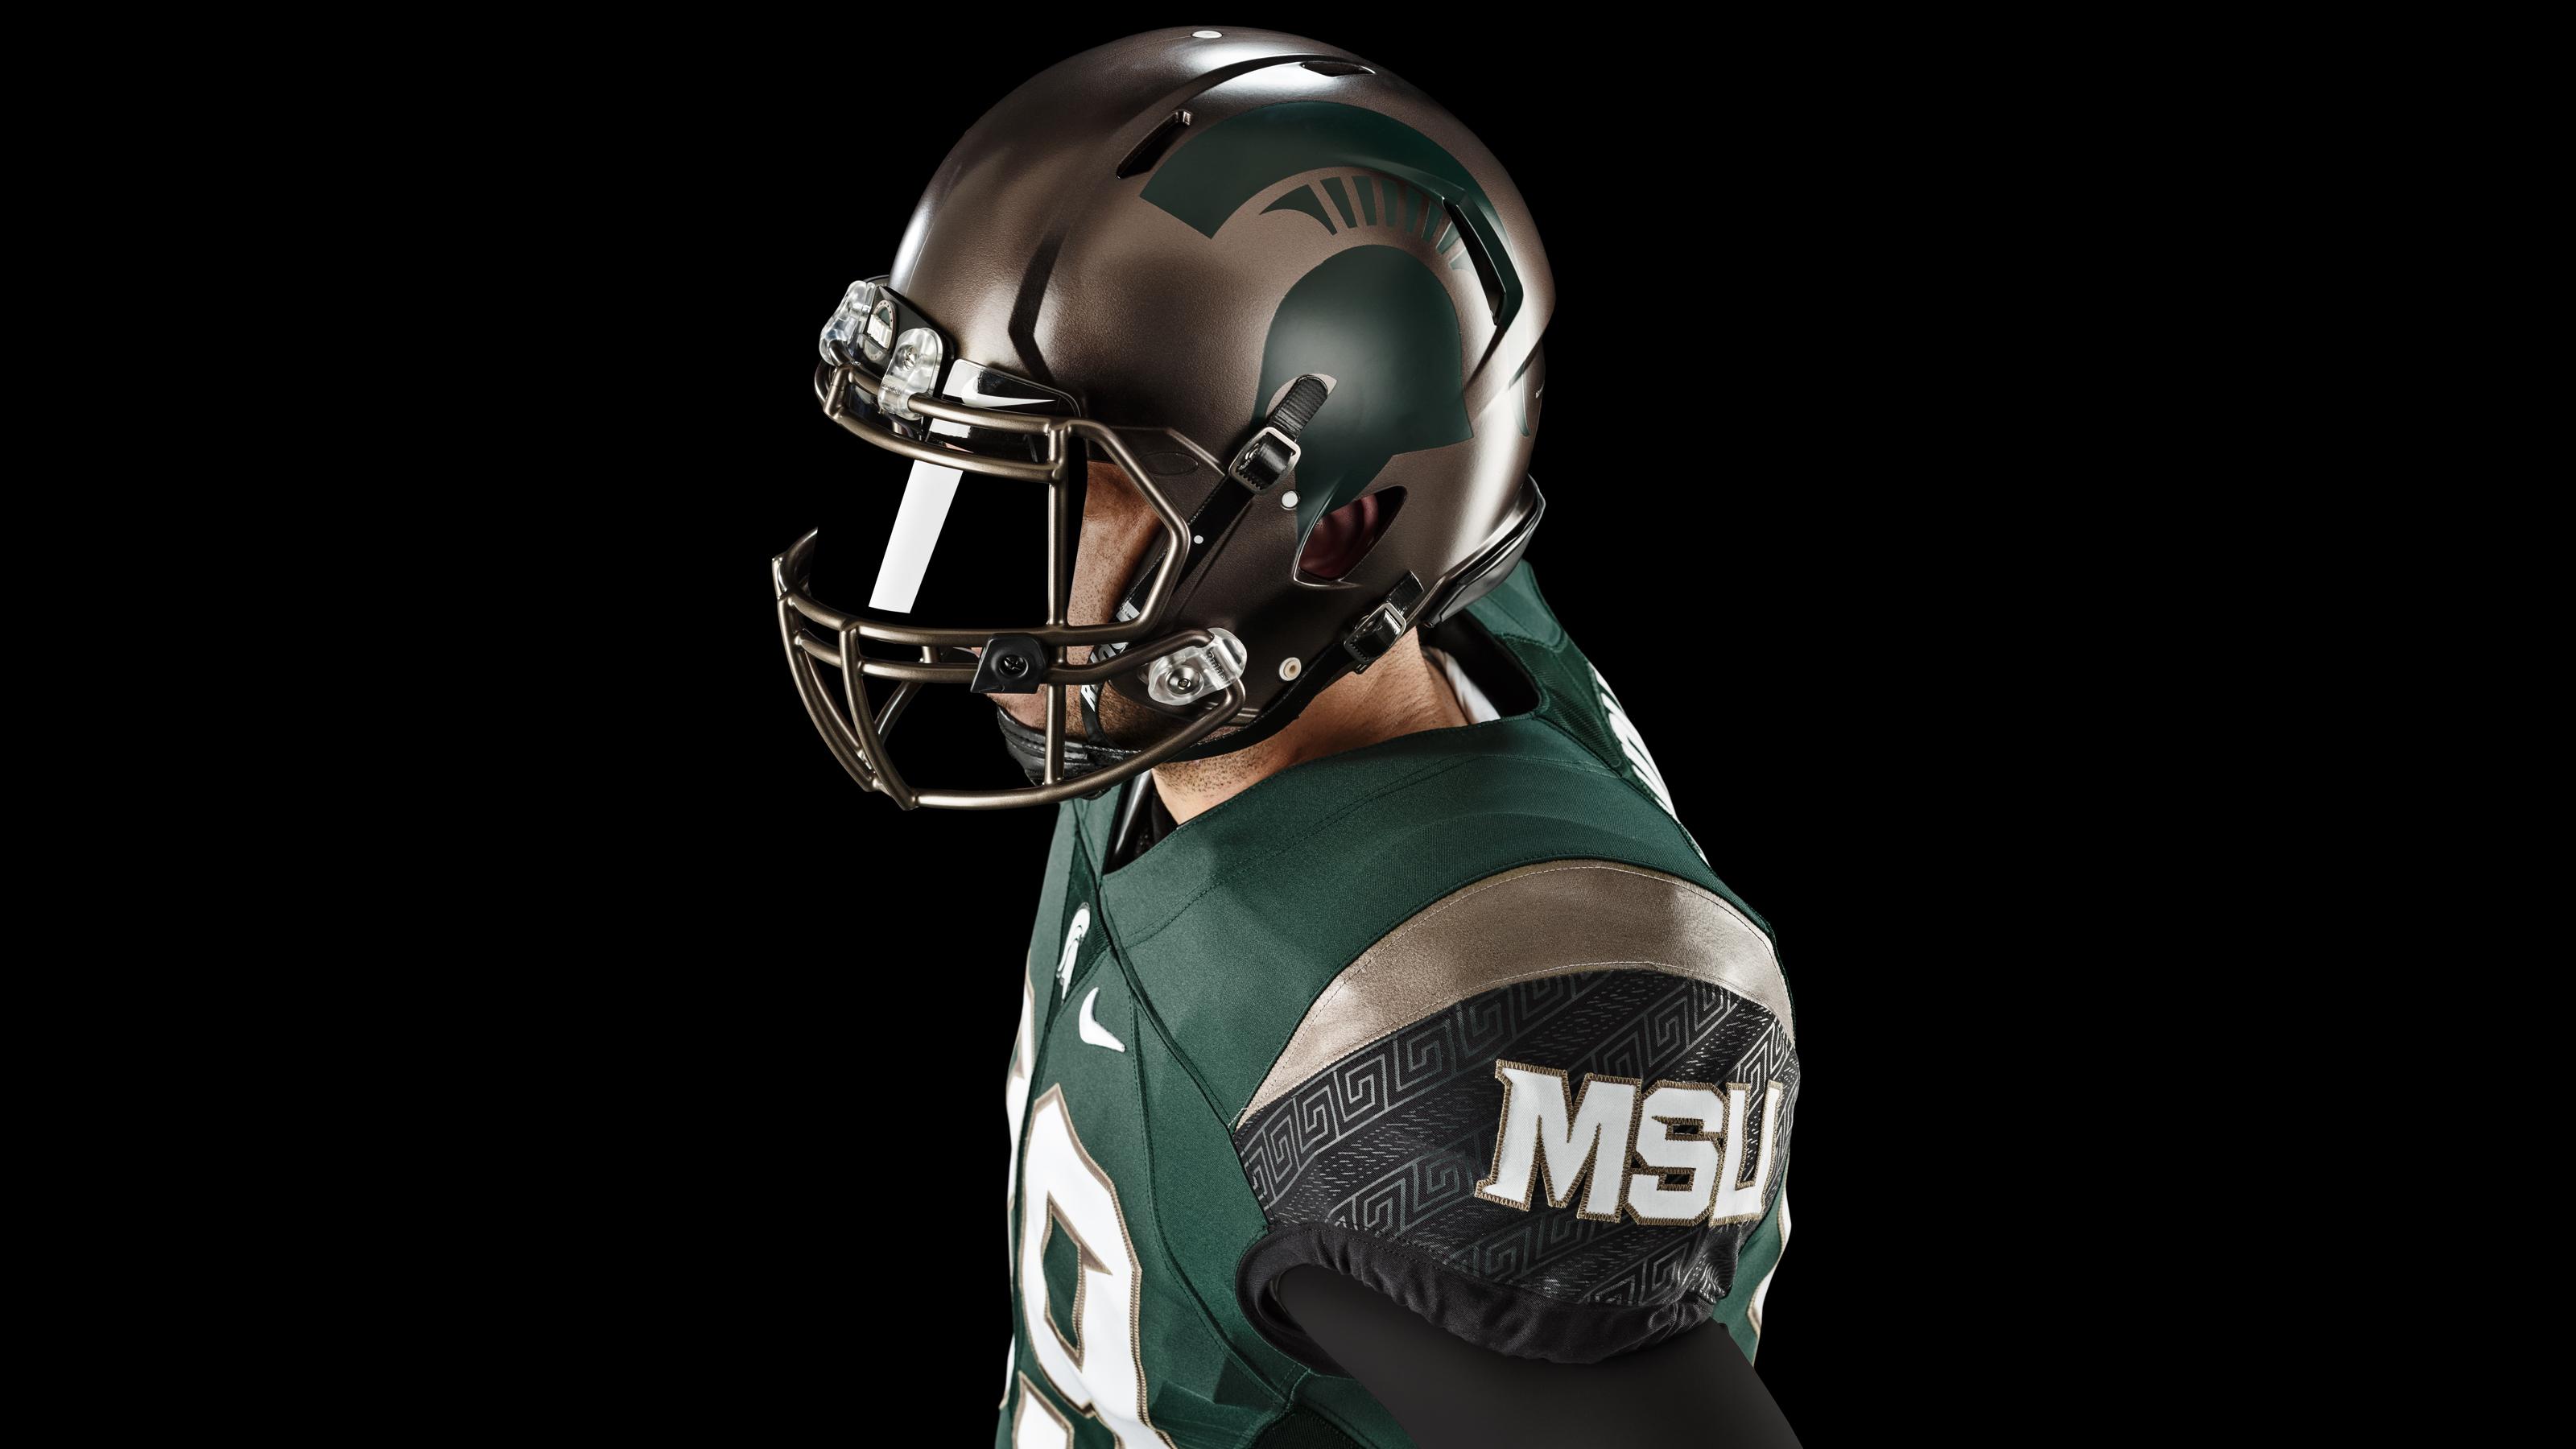 michigan football helmet wallpaper